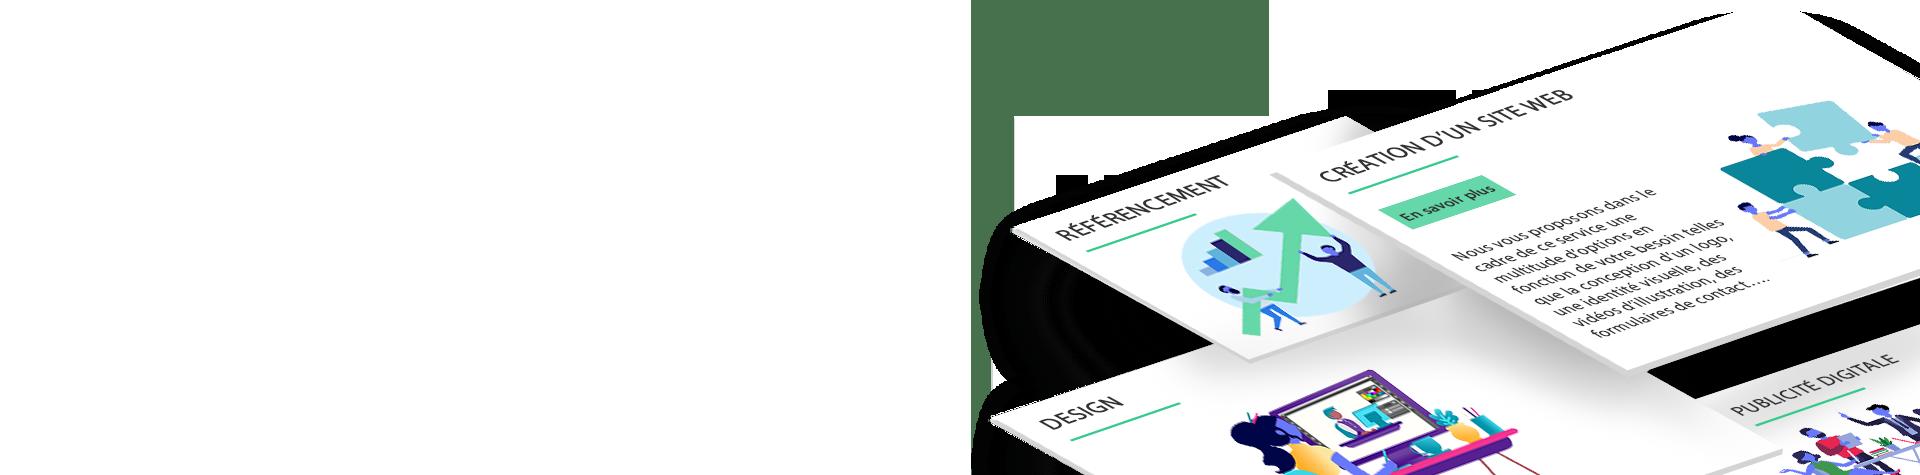 Bannière L'Agence du Site Web - Nos services